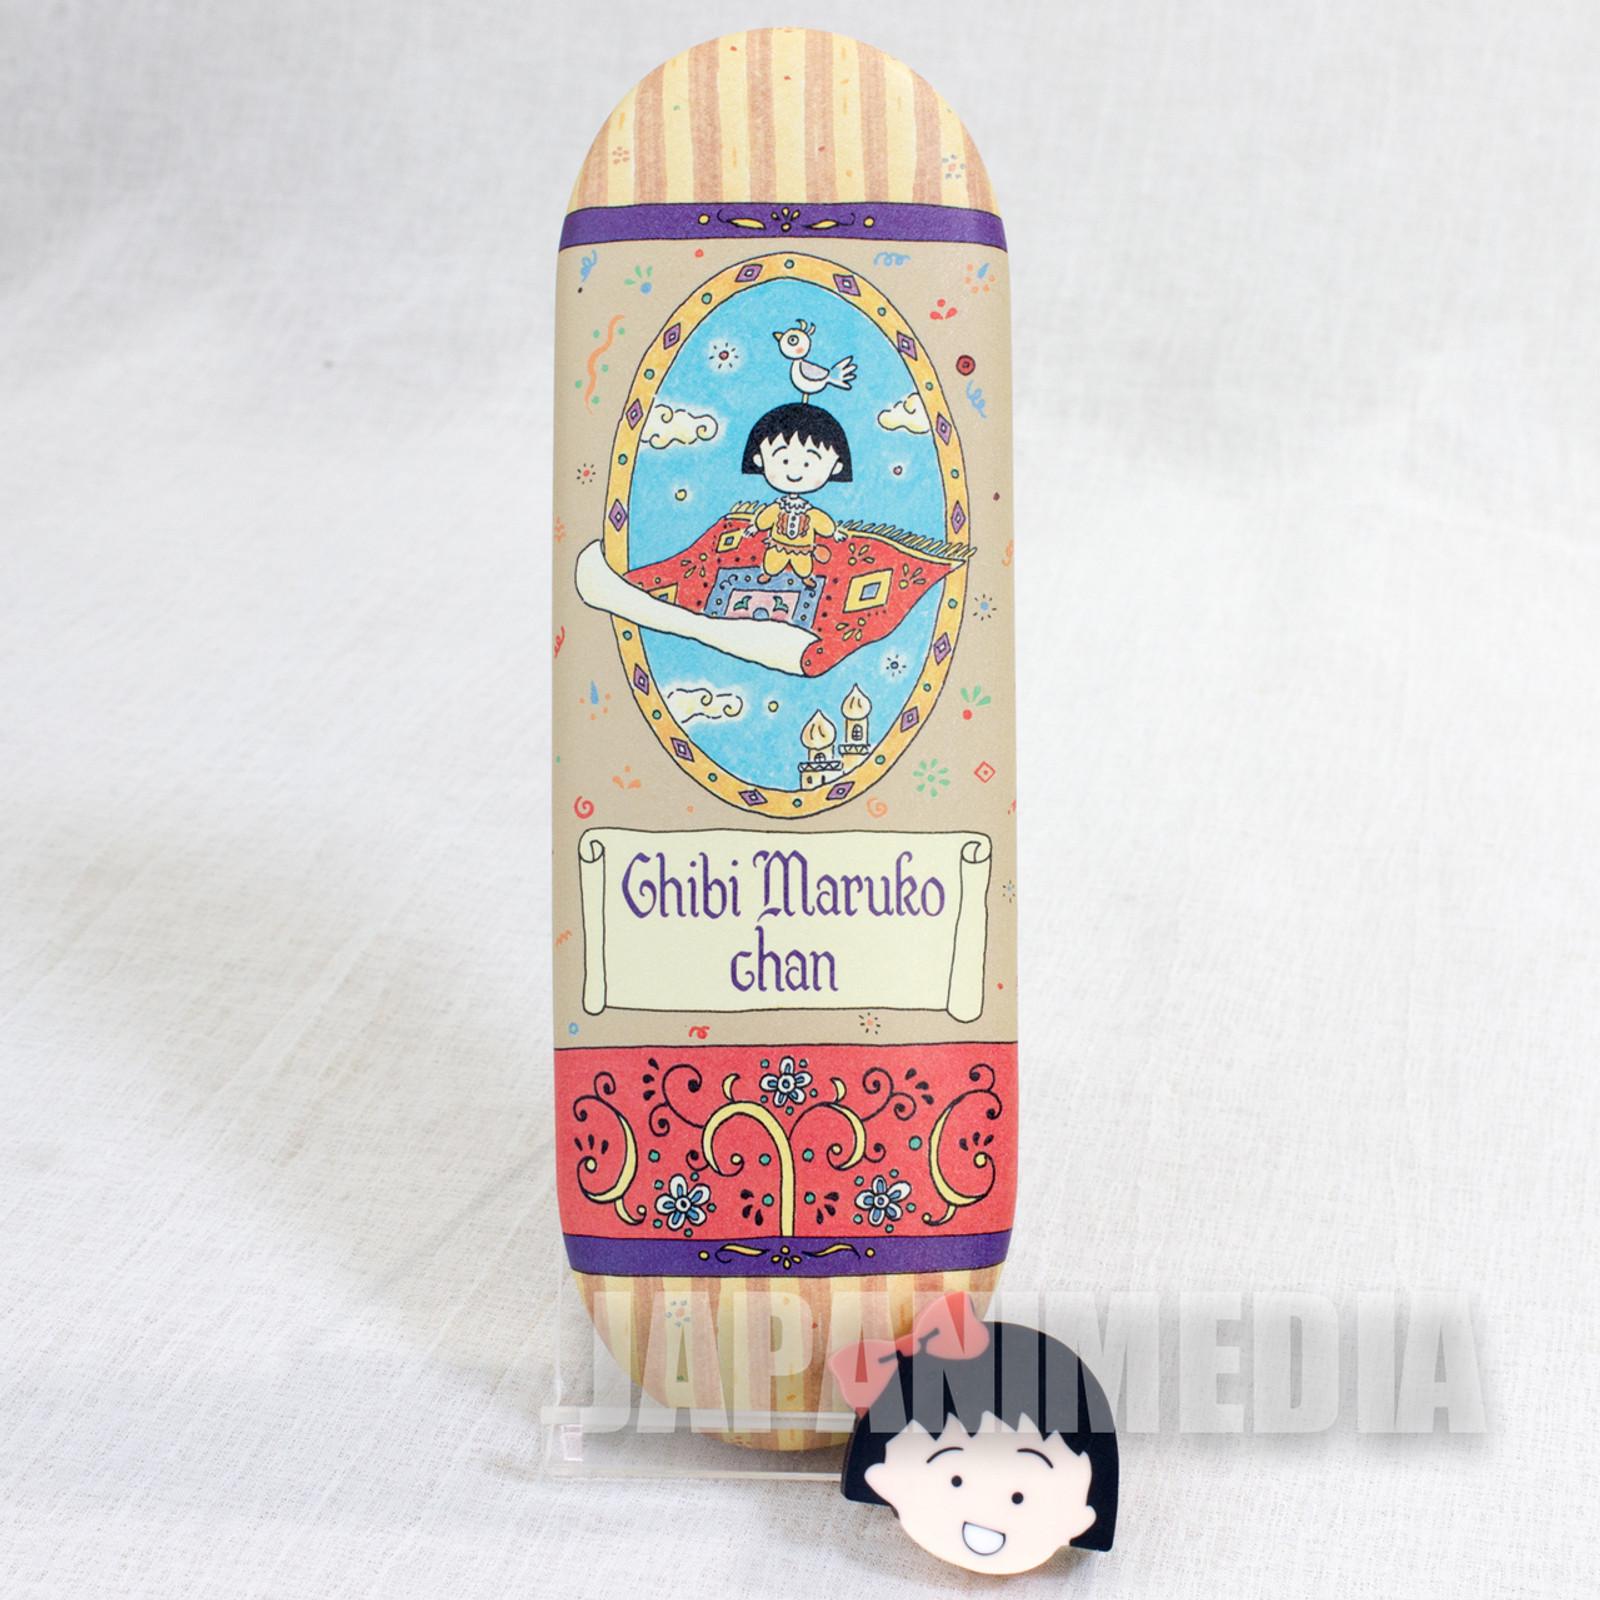 RARE! Chibi Maruko Chan Can Pen Case & Eraser JAPAN ANIME MANGA